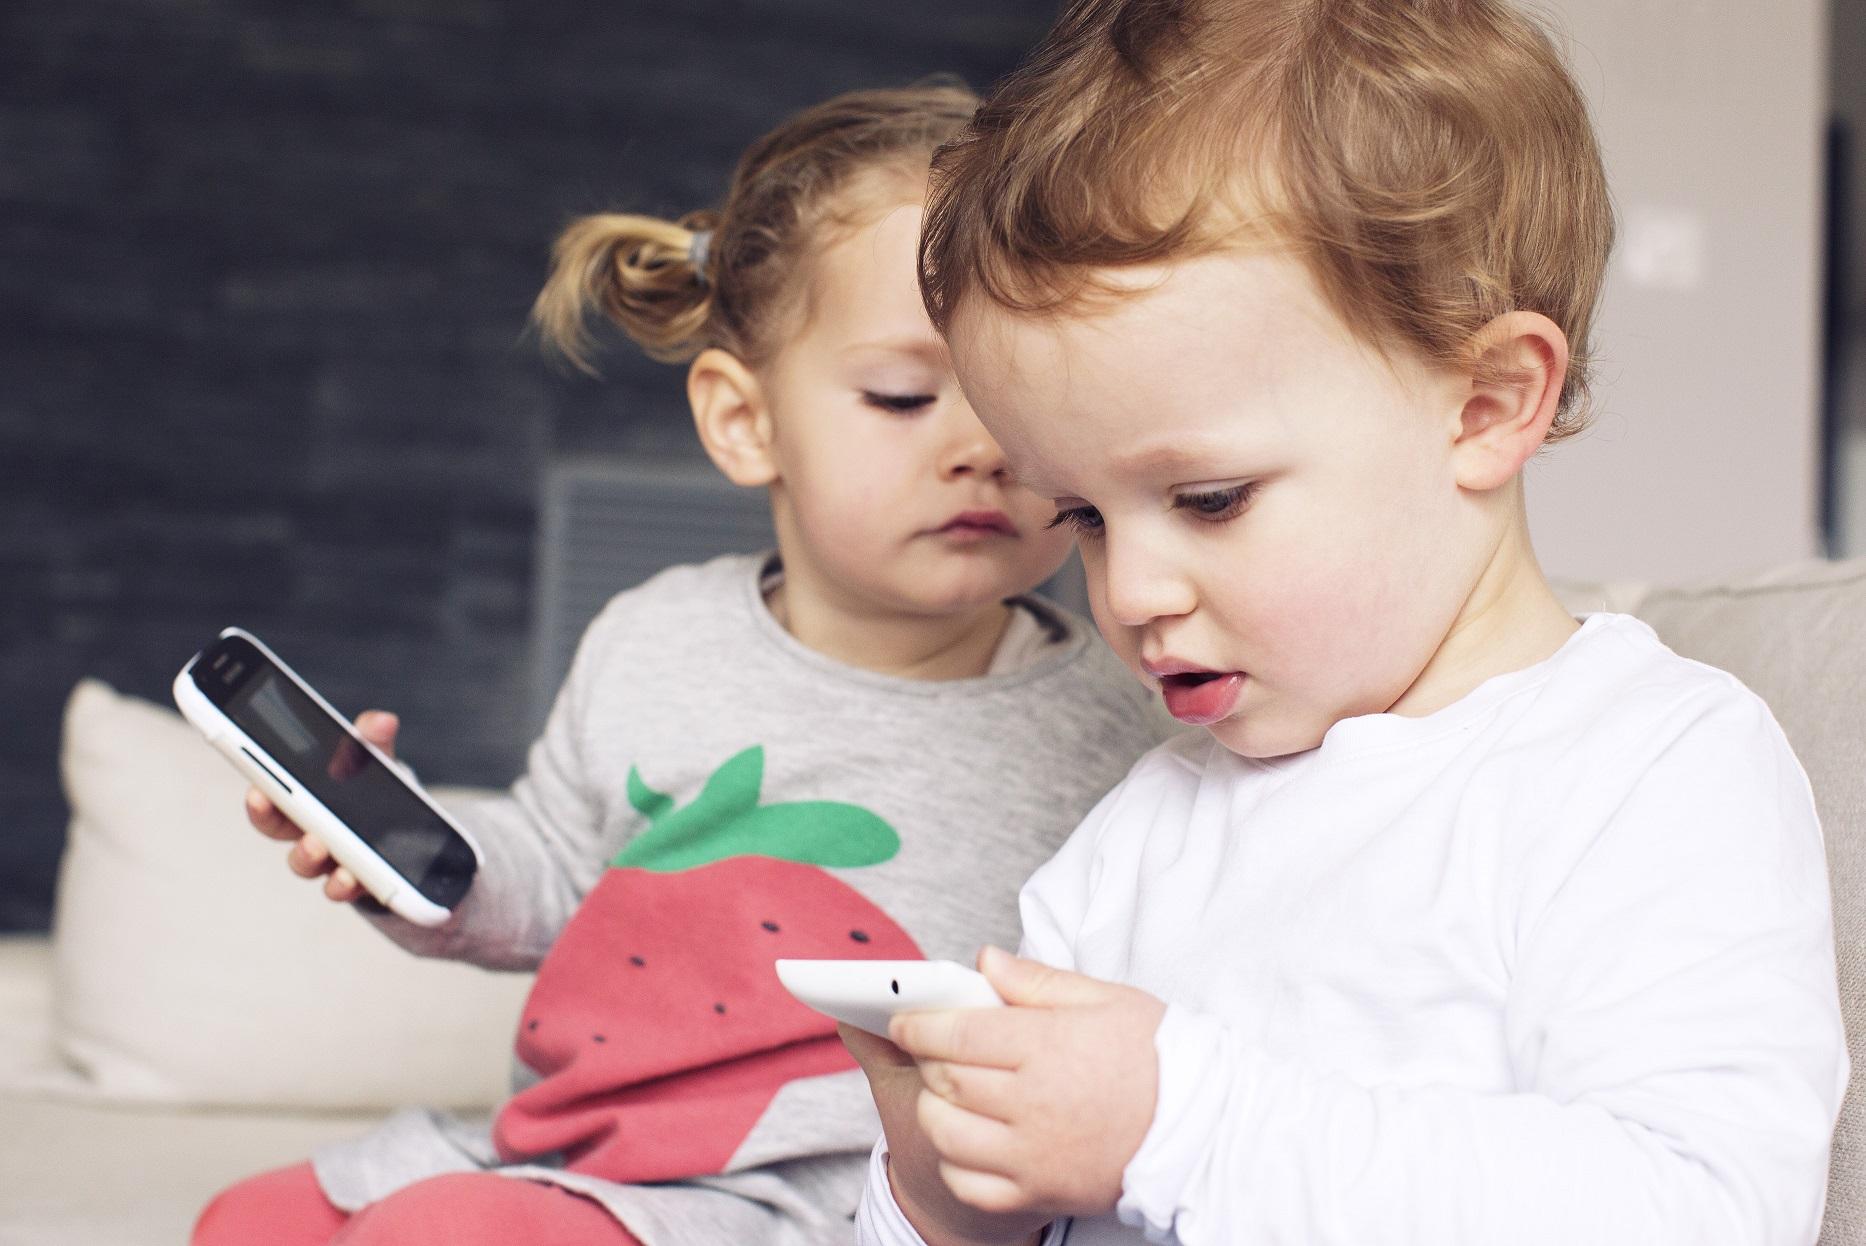 Uso excessivo de celulares pode provocar a miopia precoce. Foto Anne-Sophie Bost /PhotoAlto